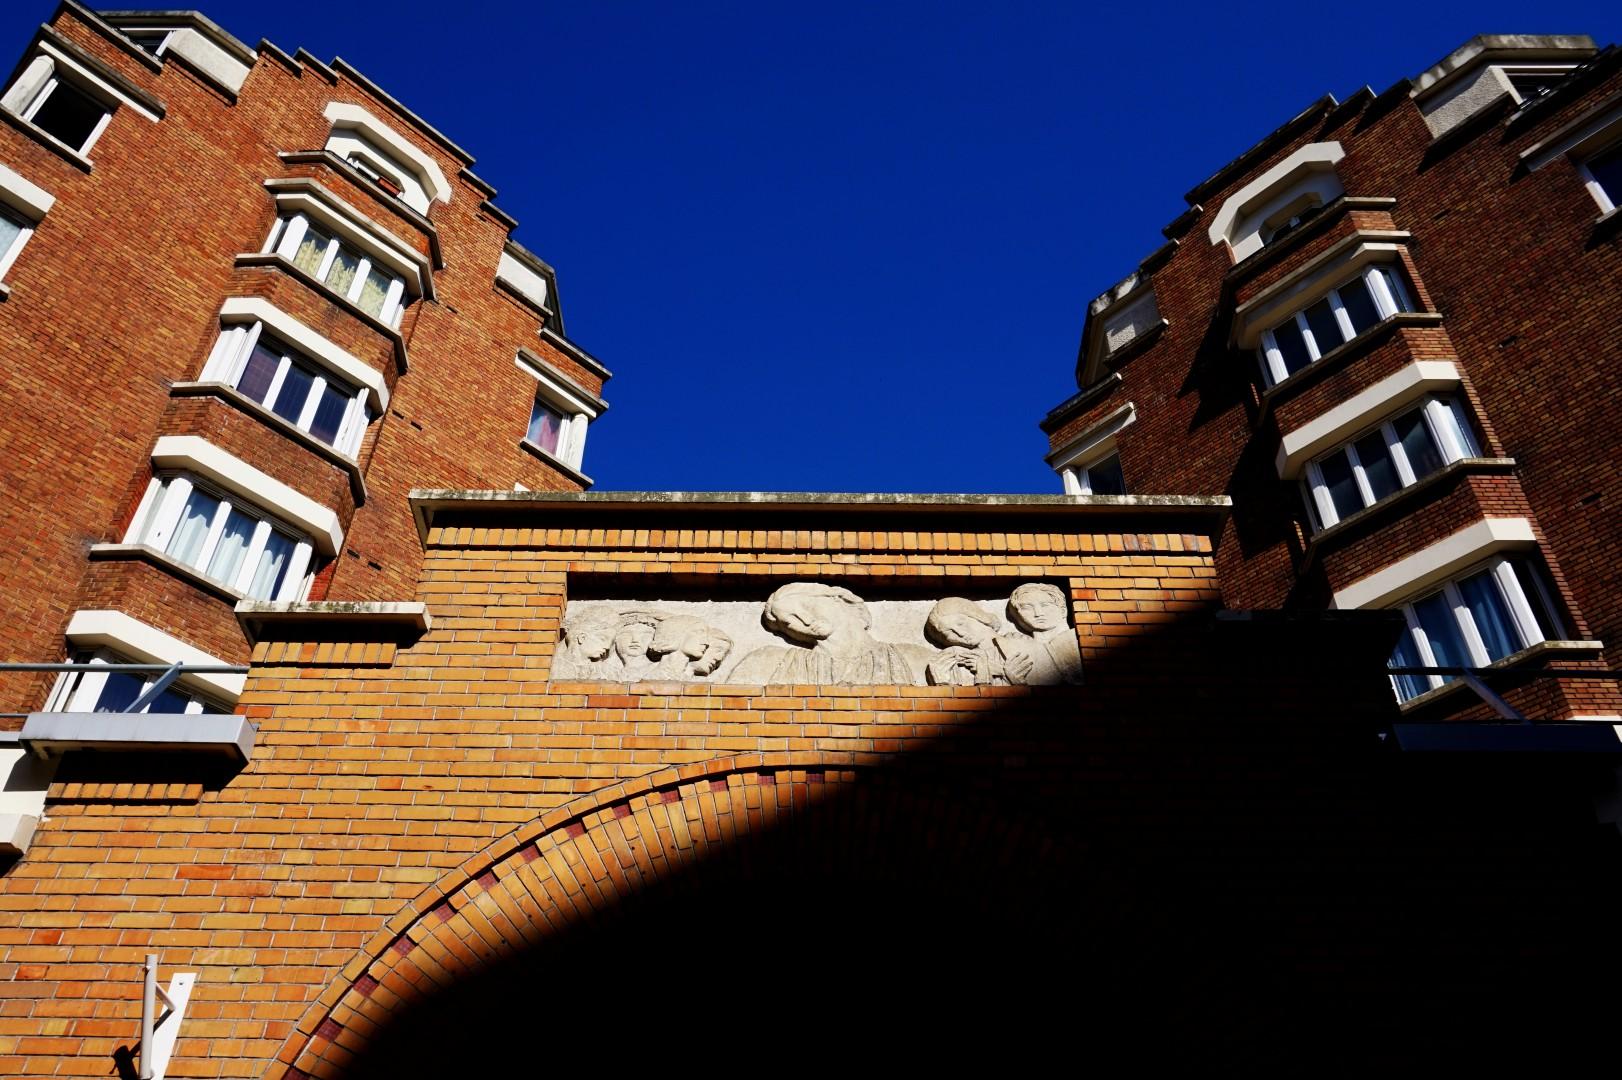 Balade autour de la Butte aux Cailles ( 13e) - Rue de l'Interne Loeb